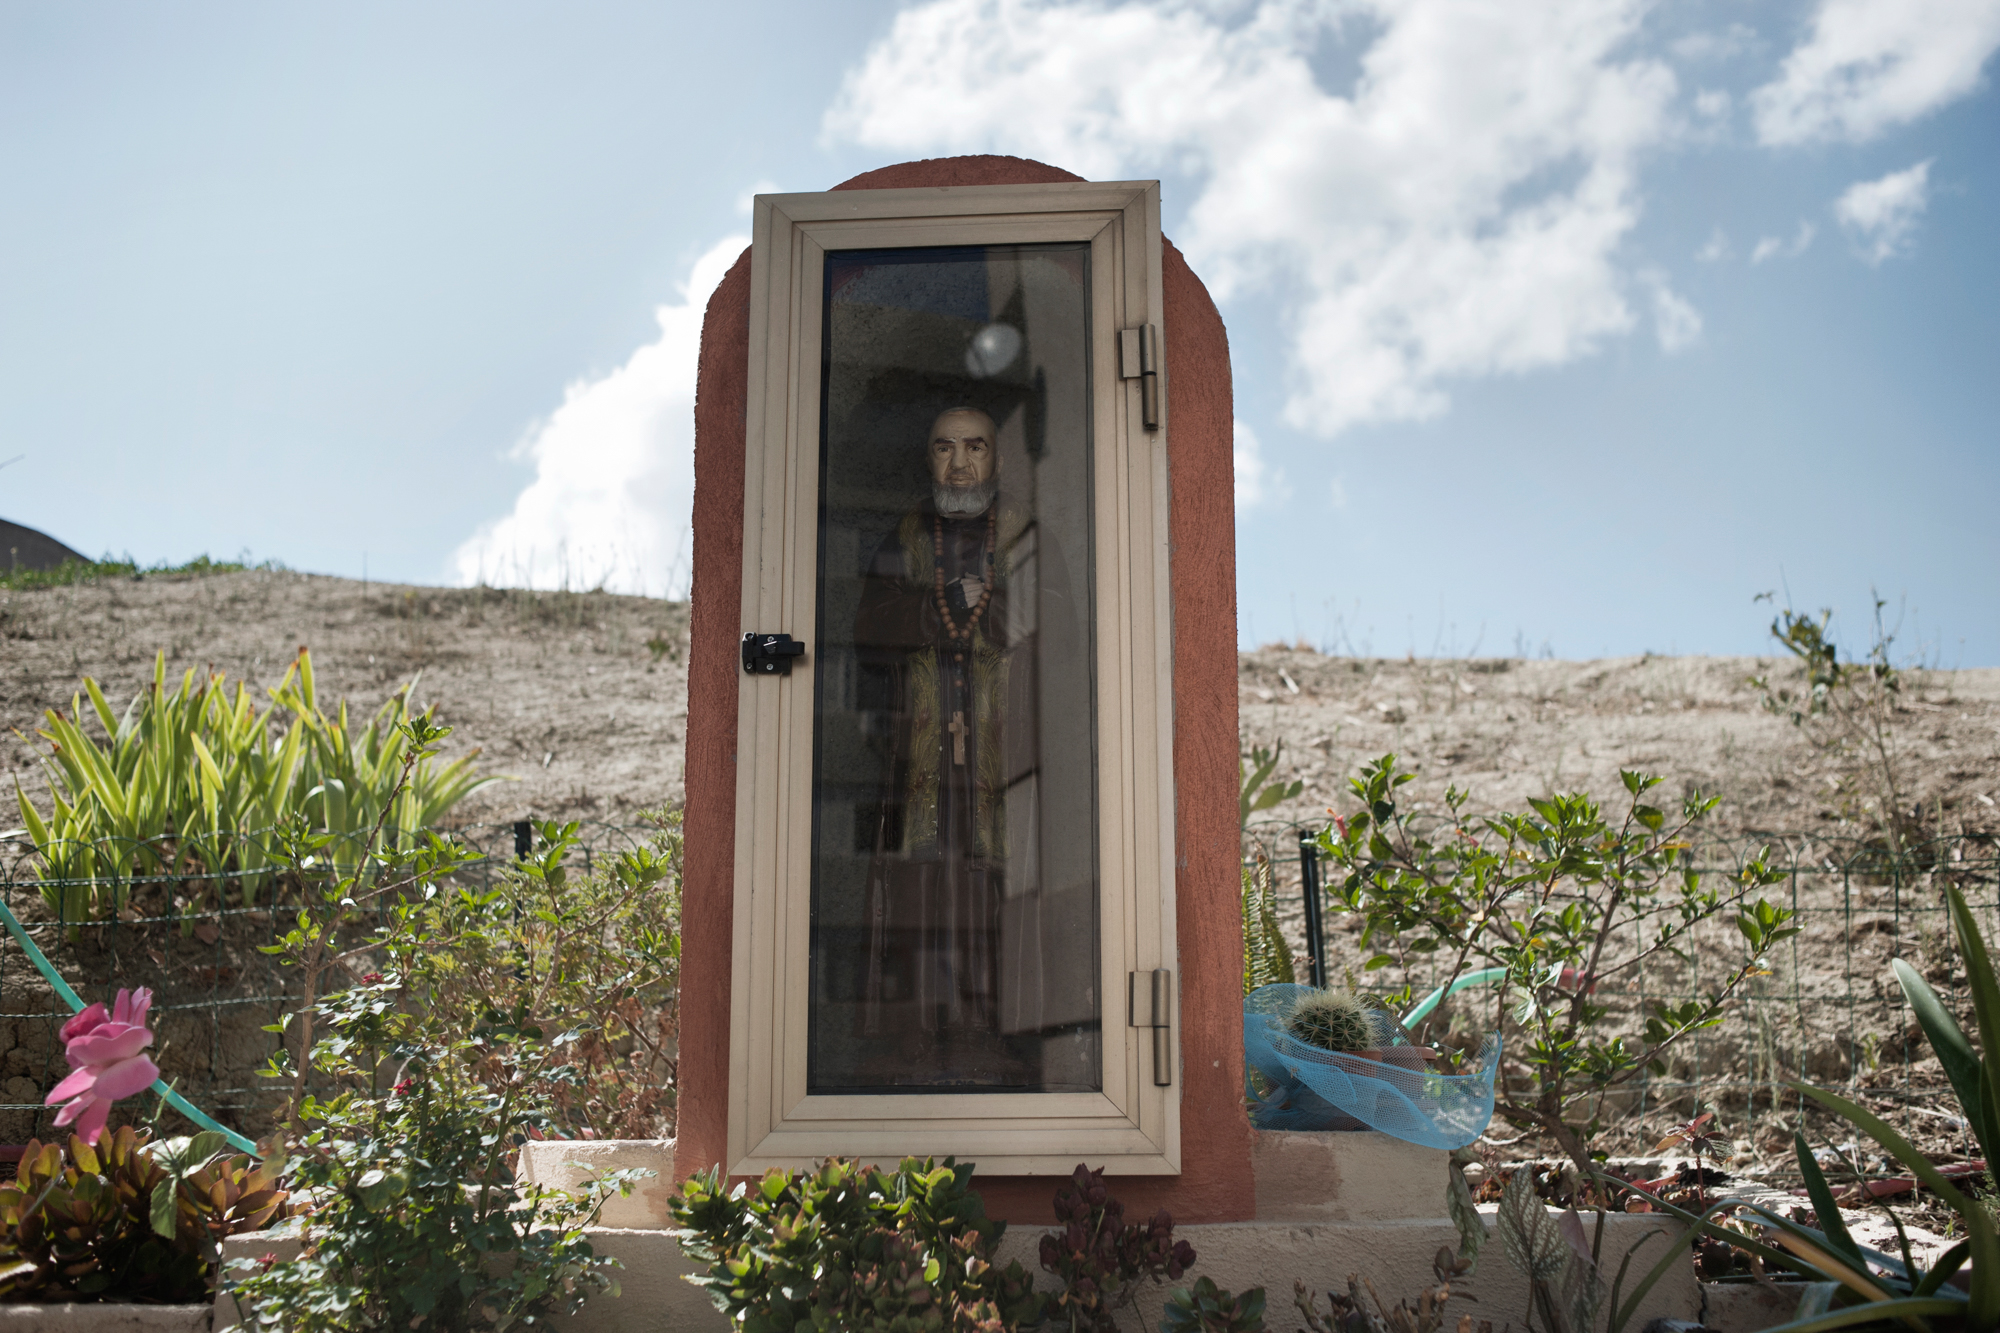 Italia. Crotone 2013: Un'icona di Padre Pio nel vecchio quartiere operaio.